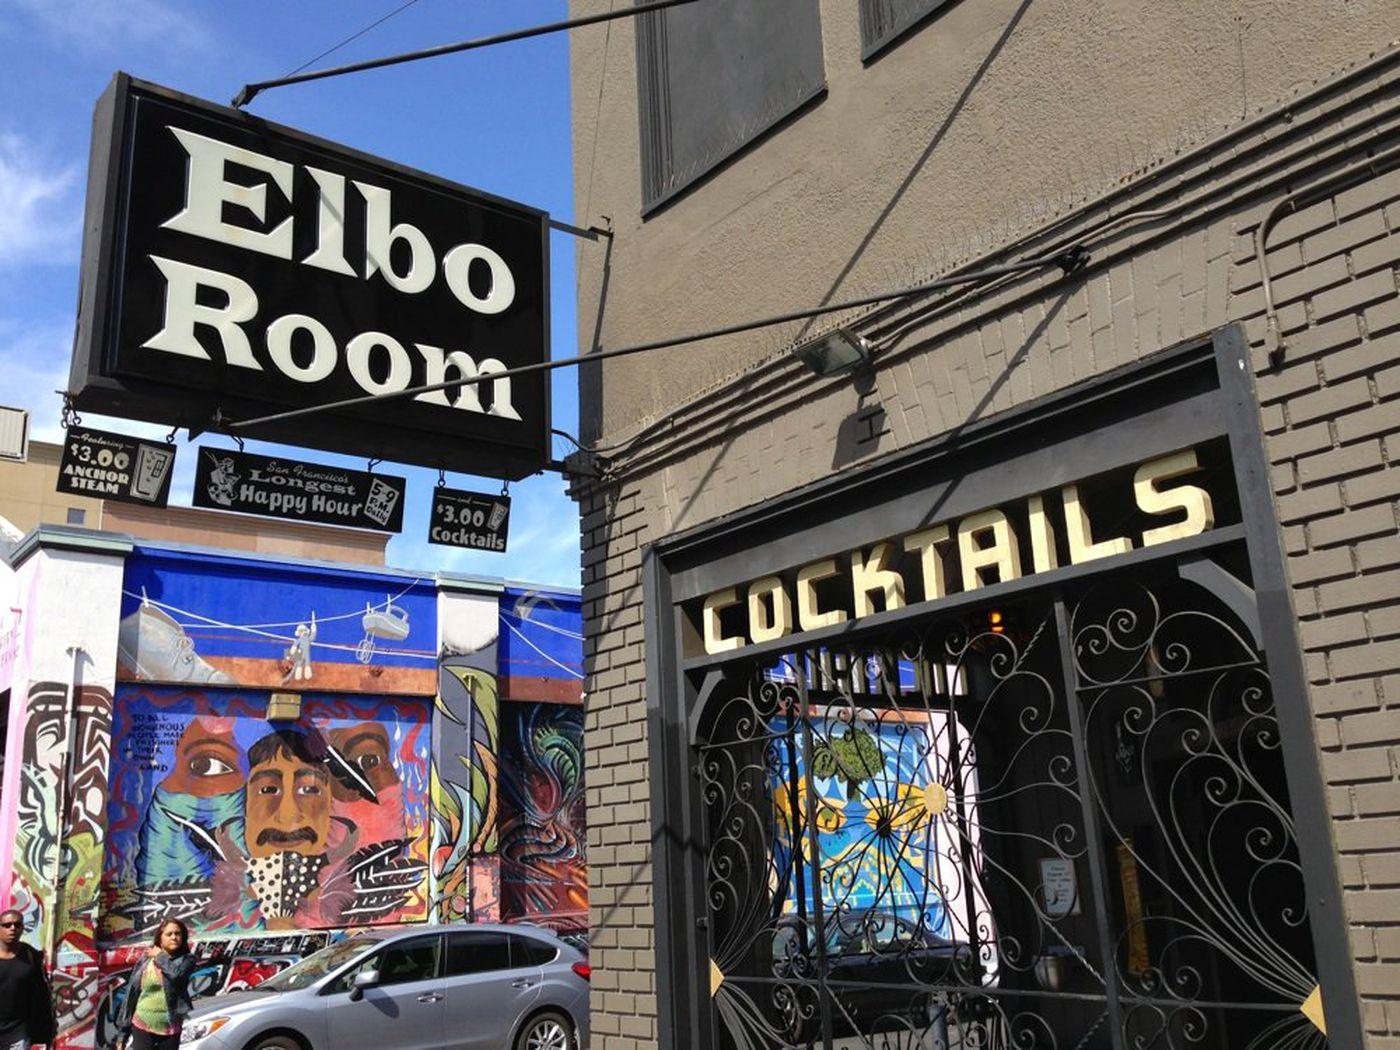 Elbo Room Safe Until 2018 - Eater SF